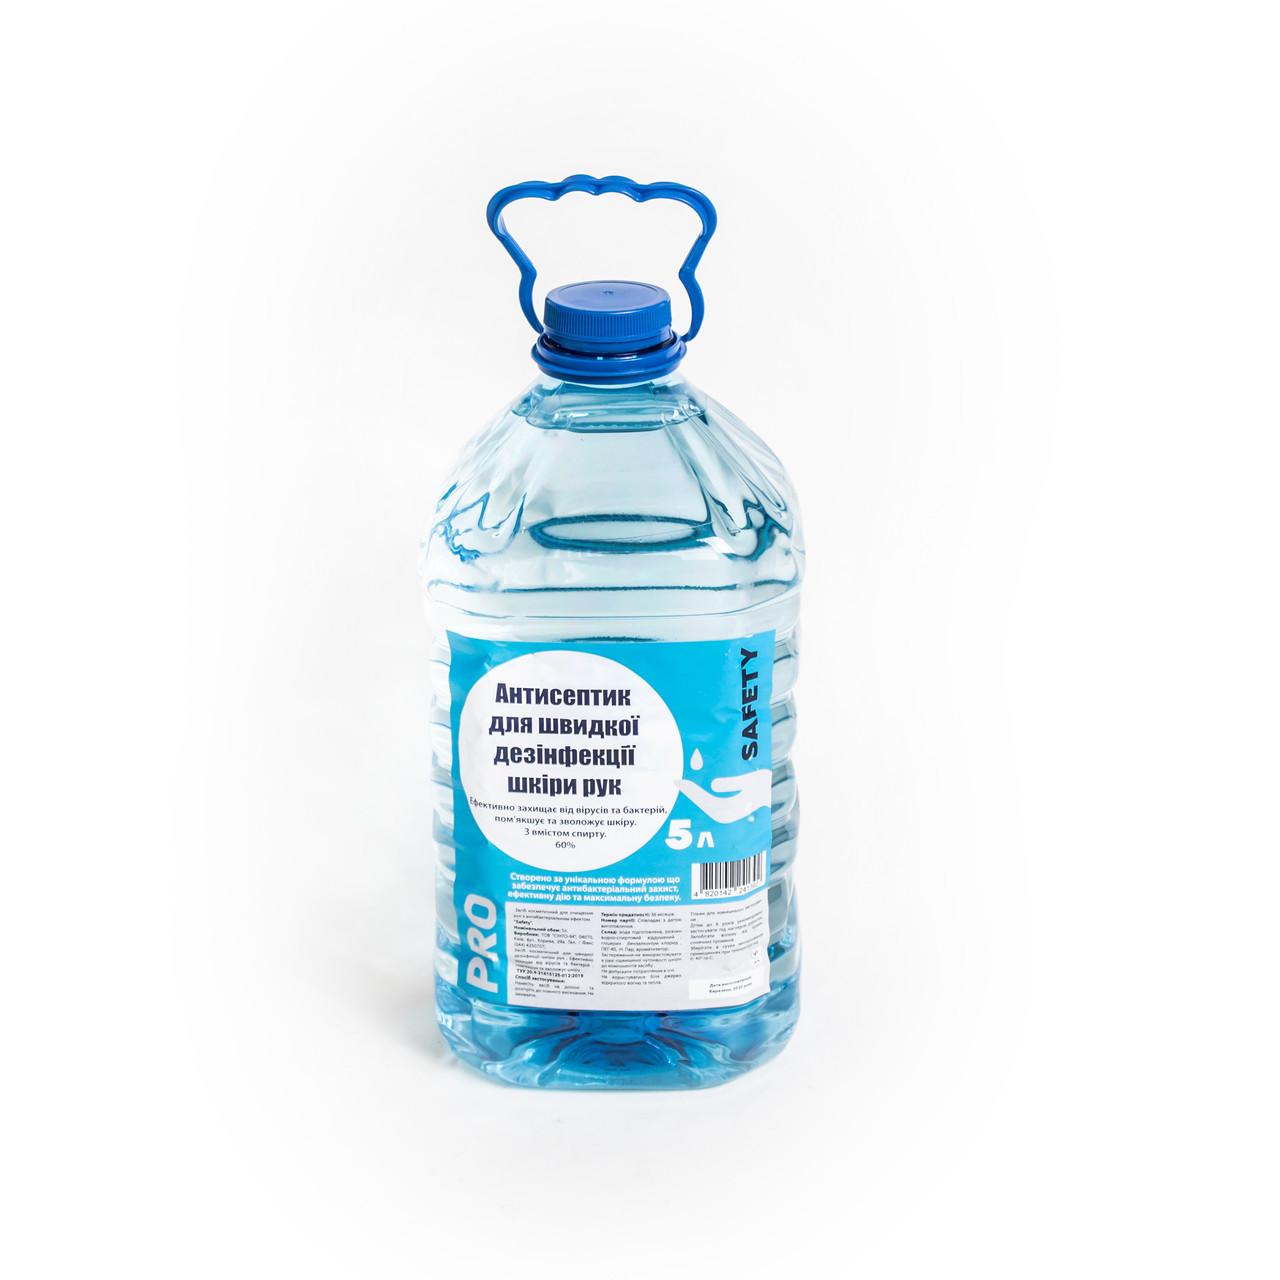 Антисептик для быстрой дезинфекции рук saf1392